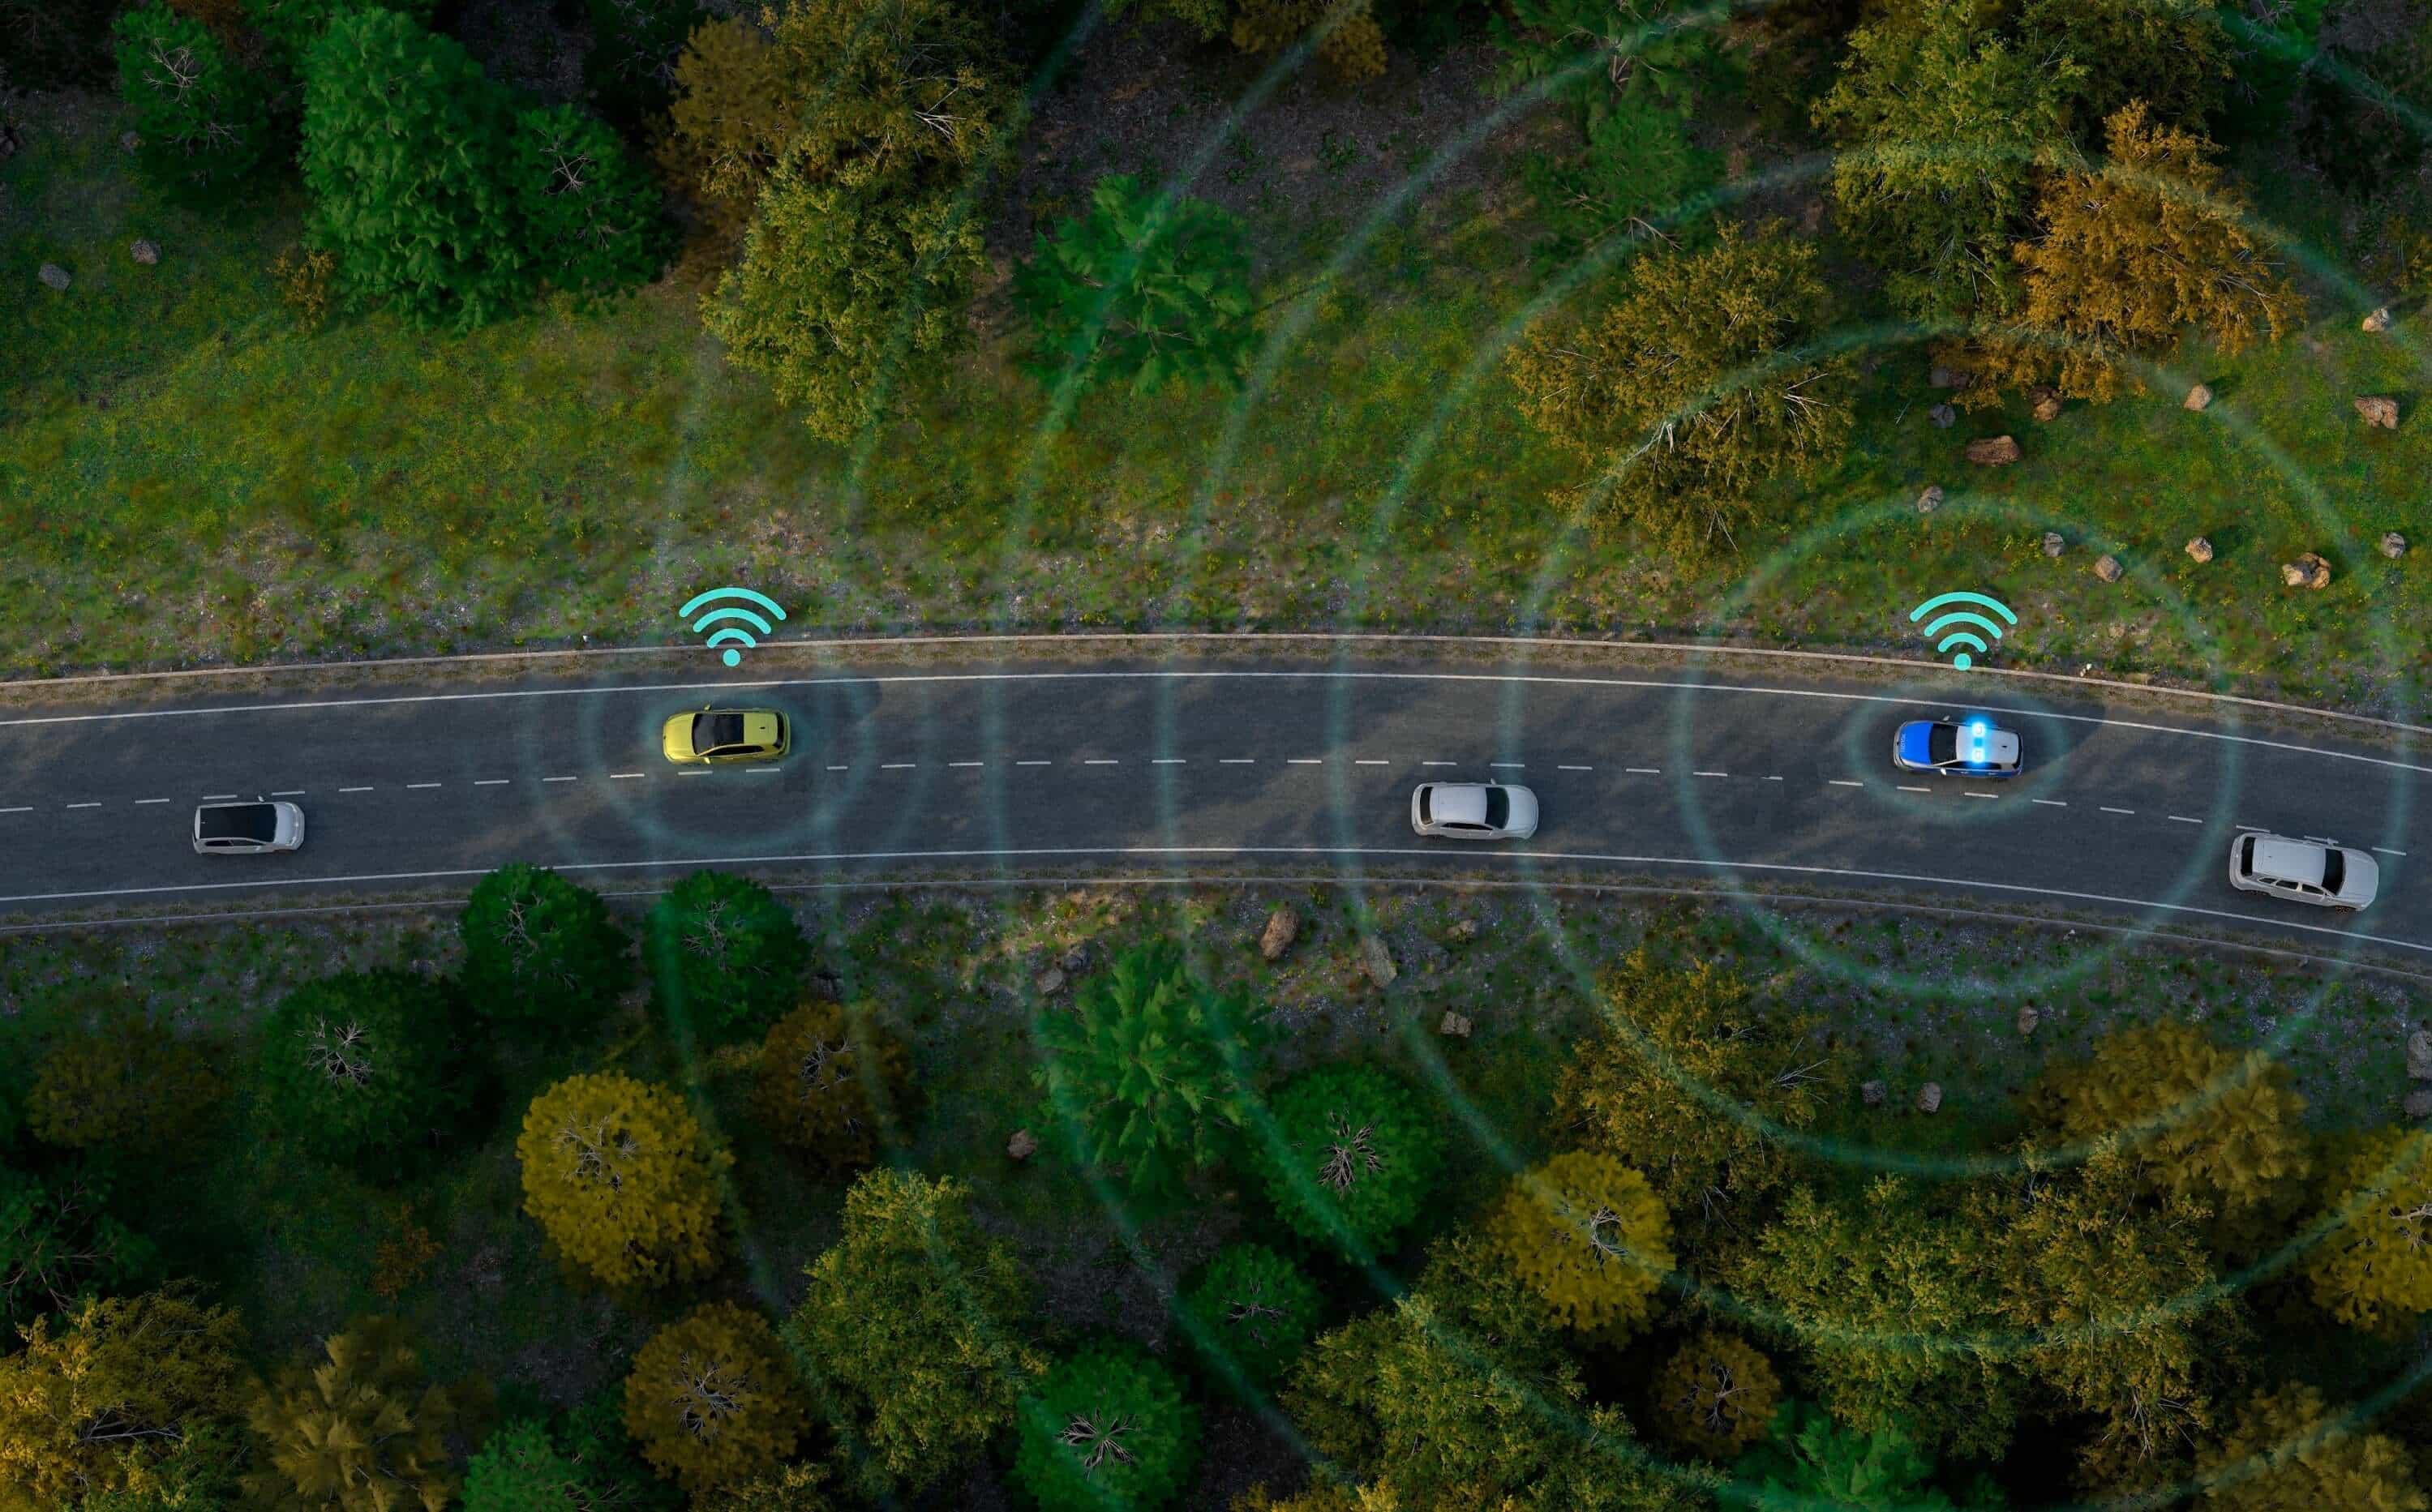 Νέο Volkswagen Golf με λειτουργία ειδοποίησης κινδύνου στην κυκλοφορία